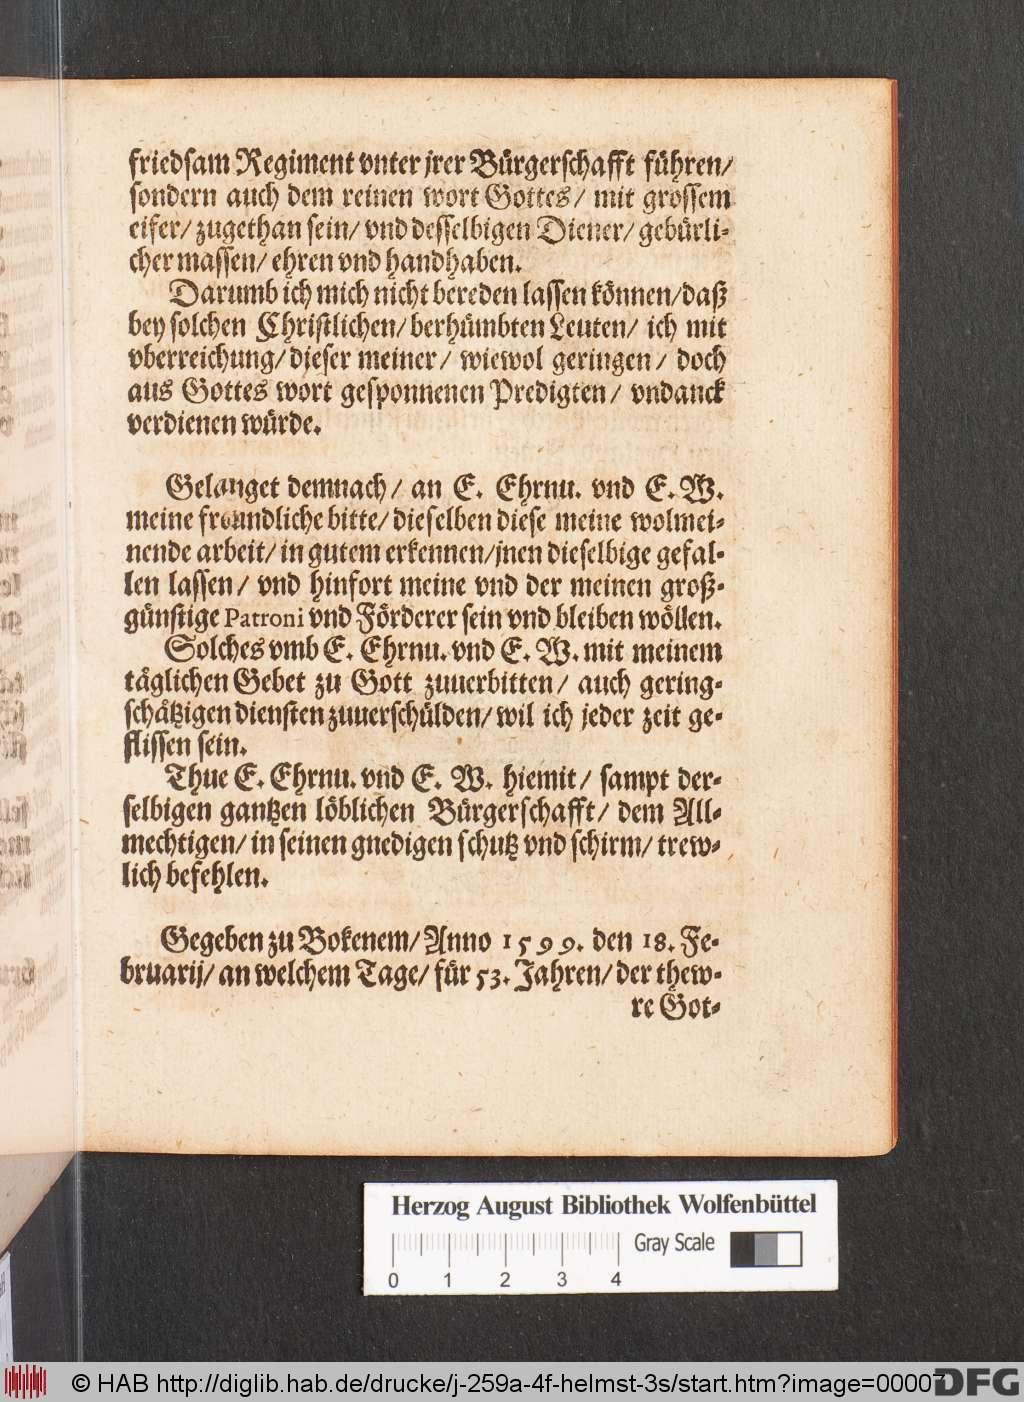 http://diglib.hab.de/drucke/j-259a-4f-helmst-3s/00007.jpg